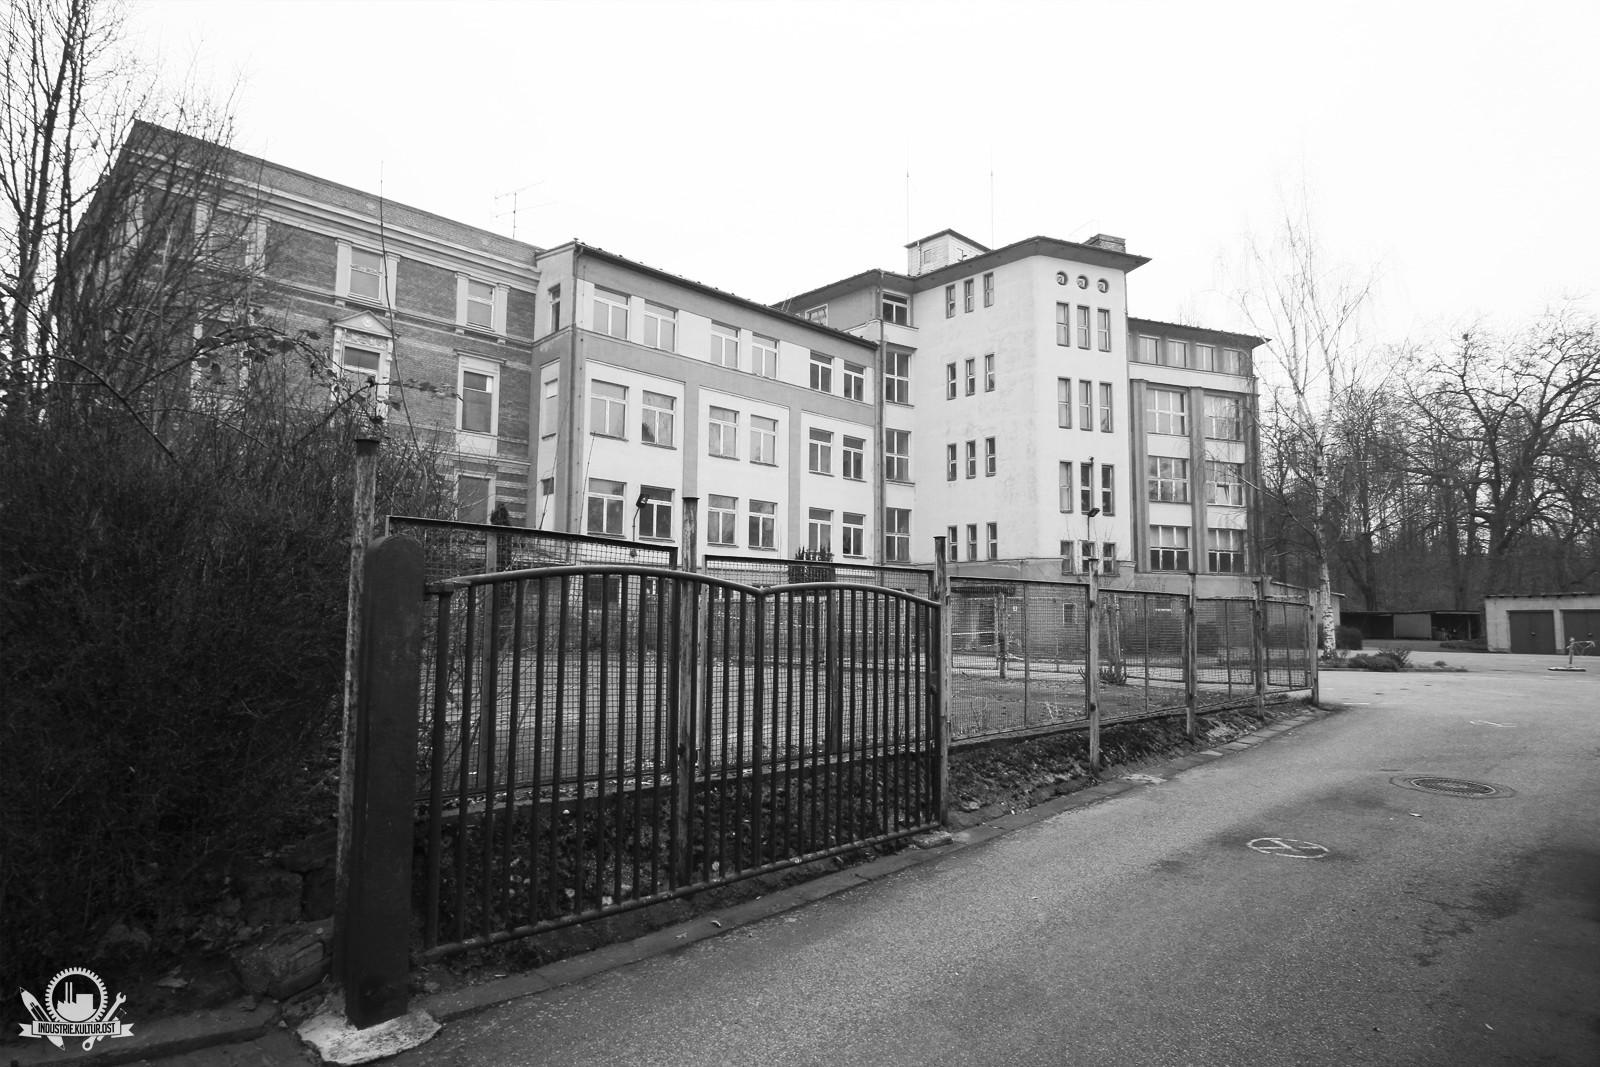 Strumpffabrik Stiegel - Hohenstein/Ernstthal